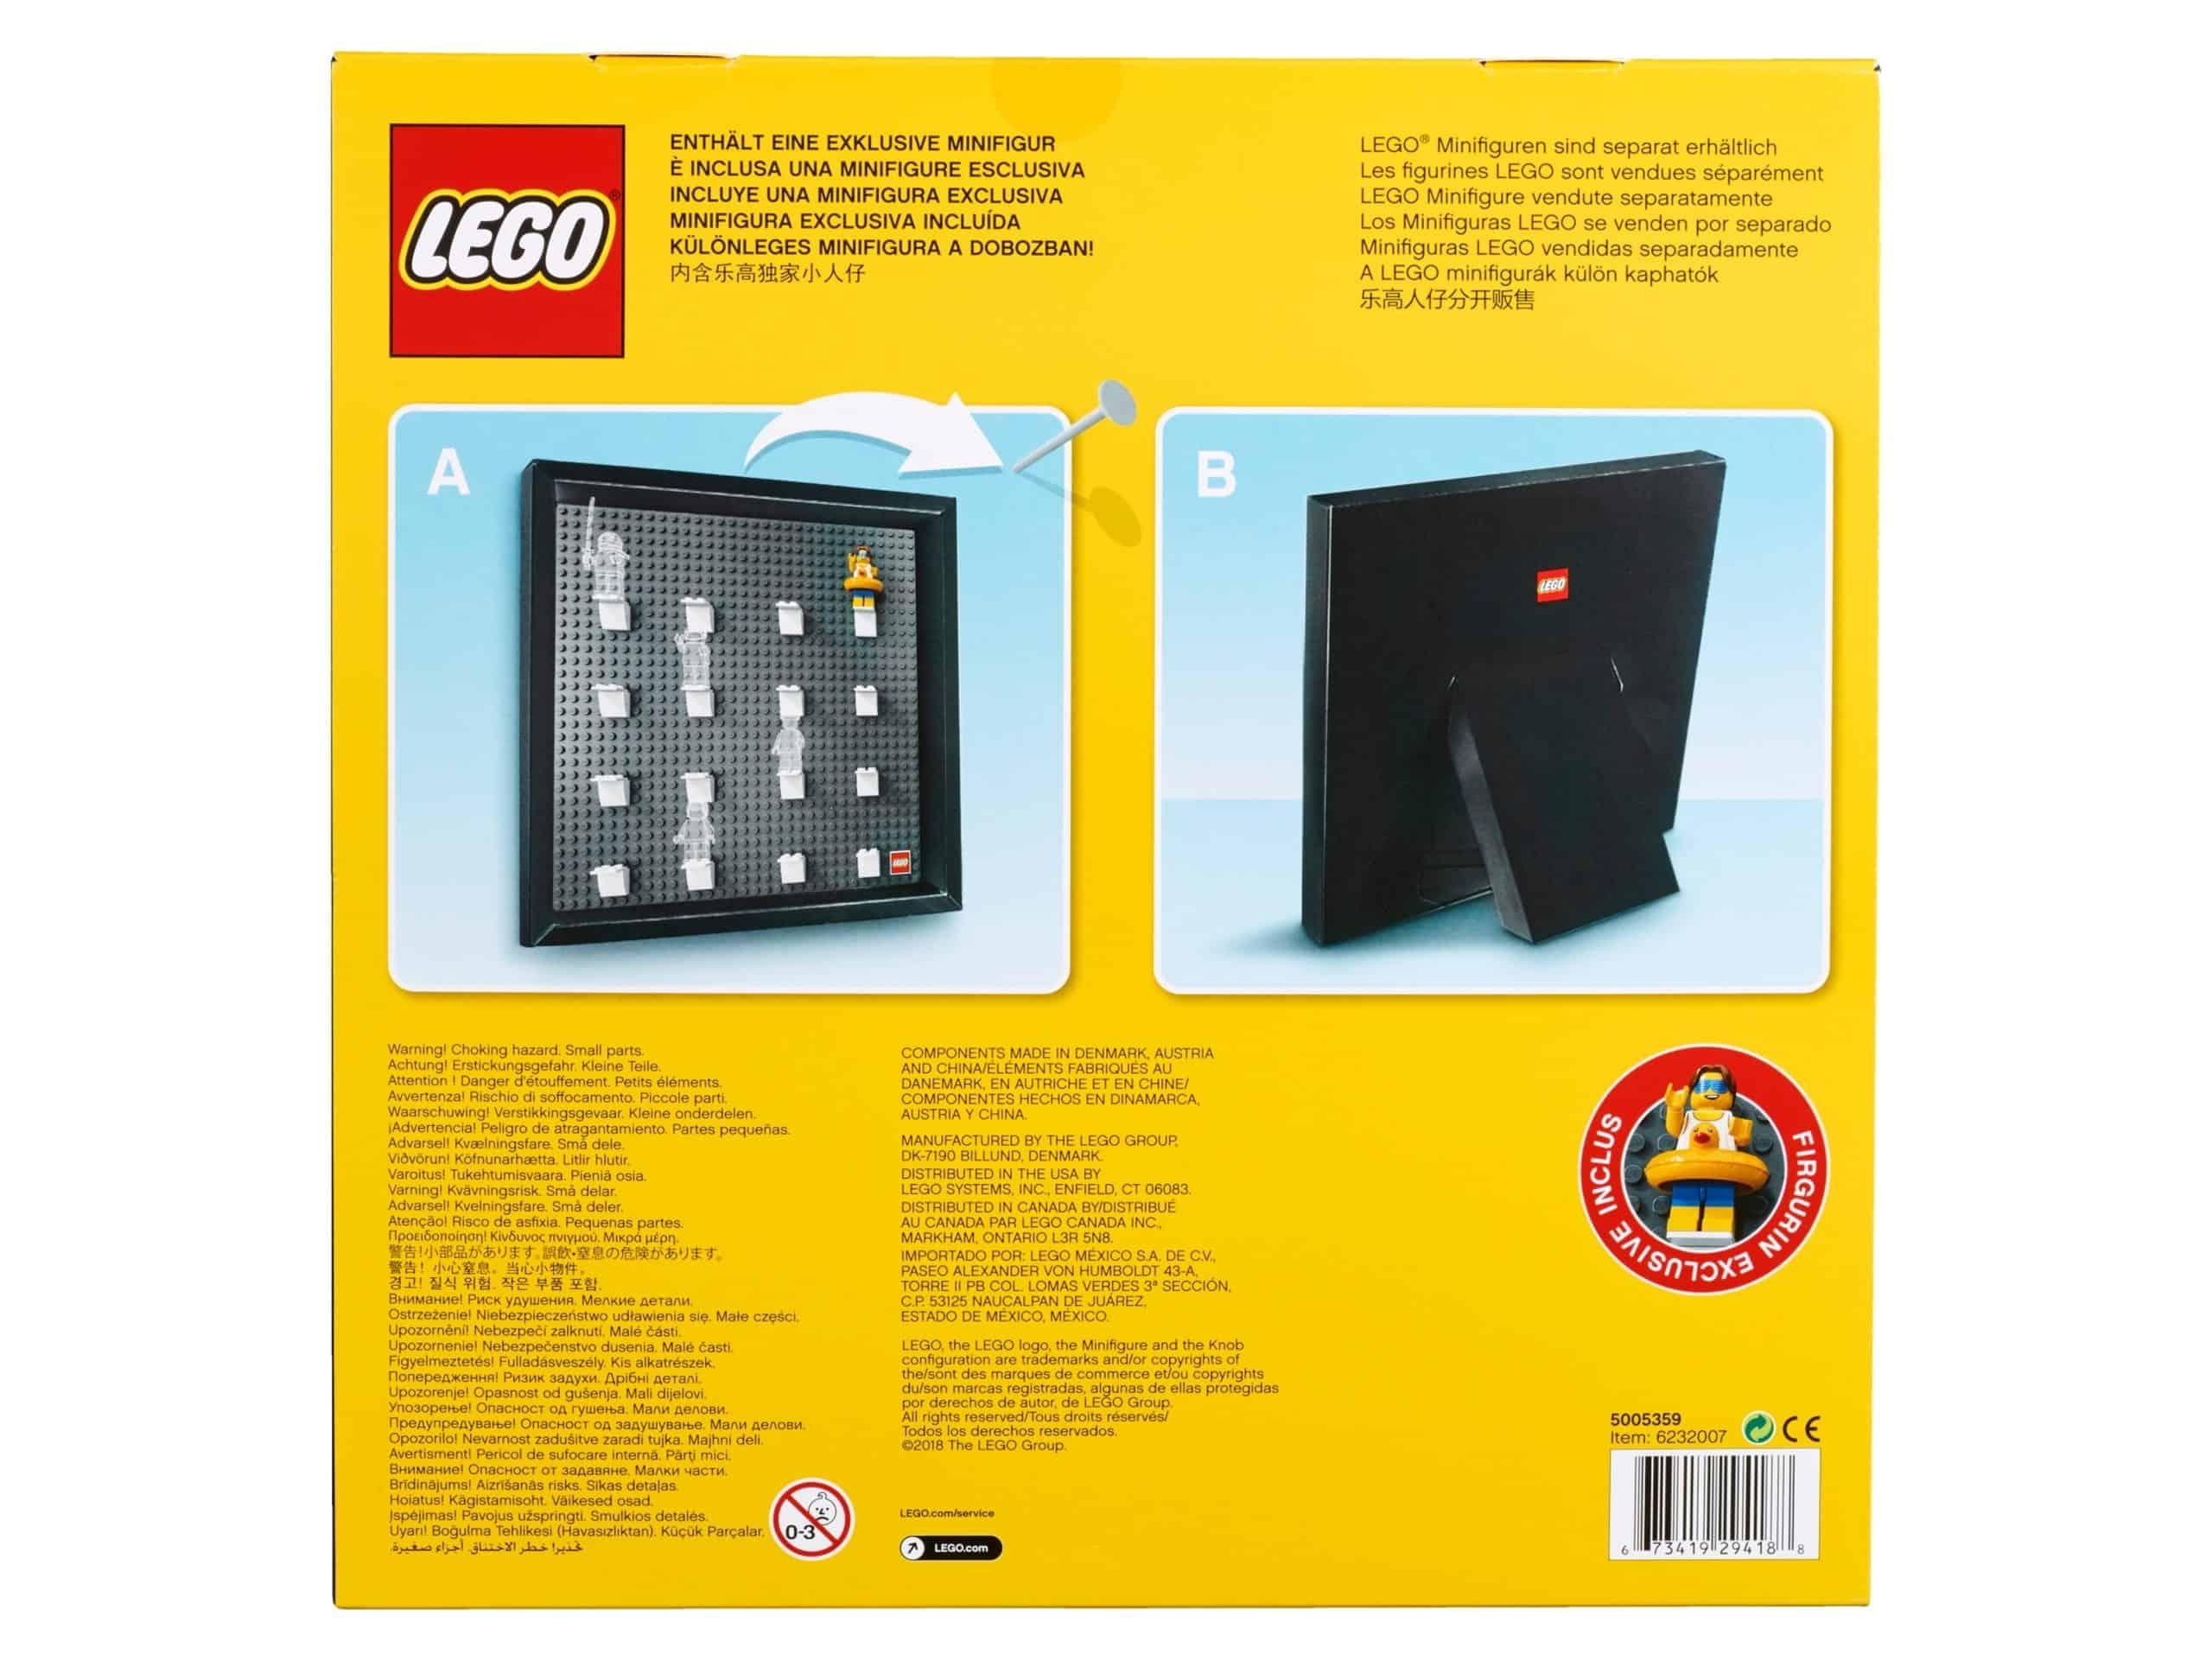 lego 5005359 samleramme til minifigurer scaled